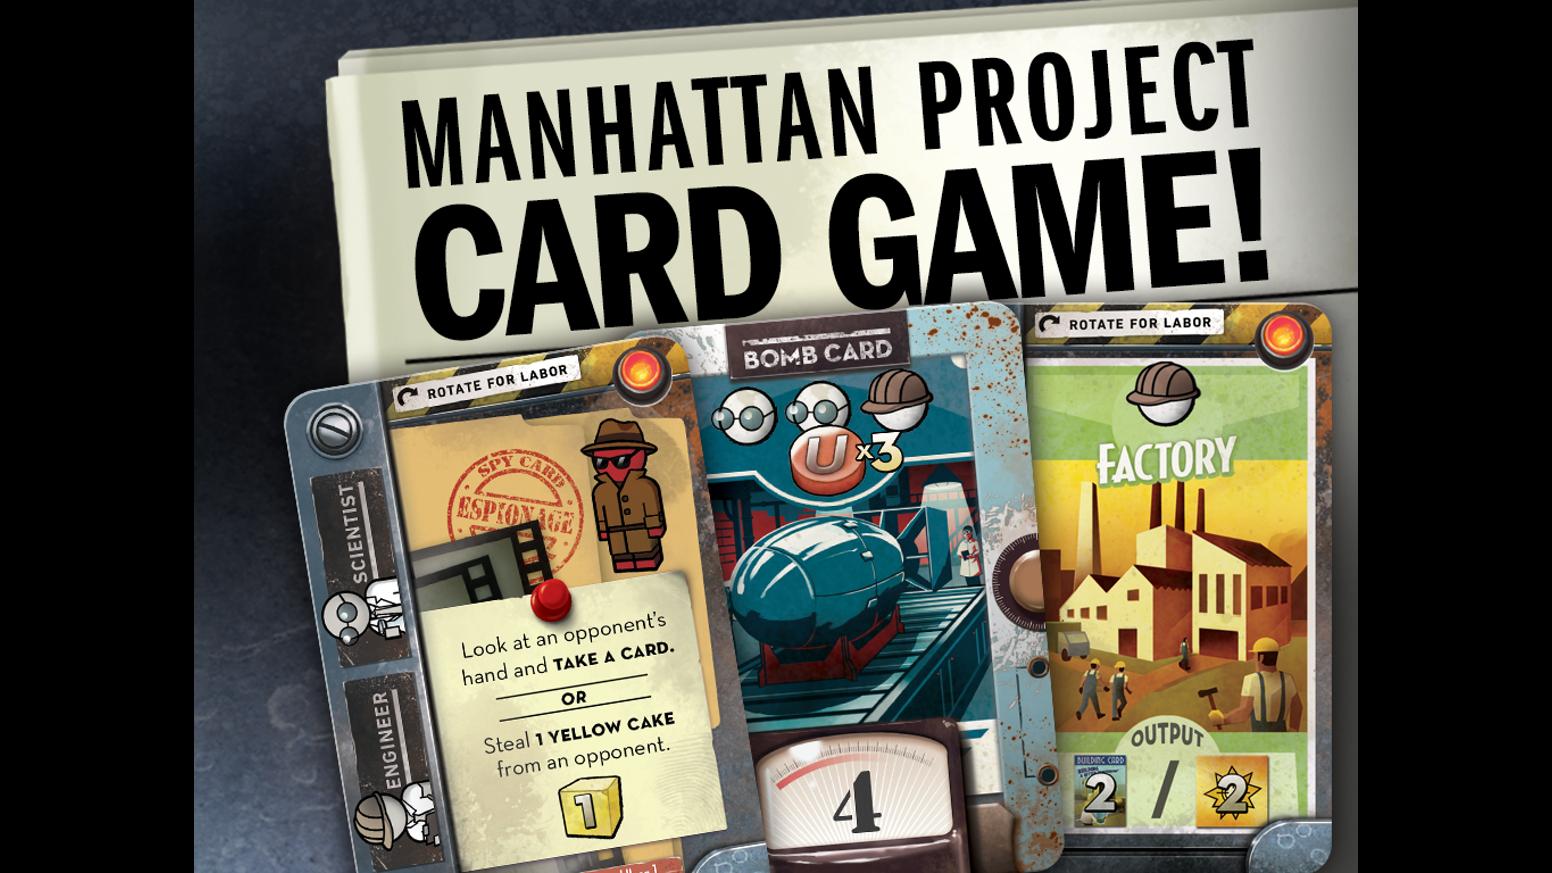 Manhattan Project Card Game - Kickstarter Edition